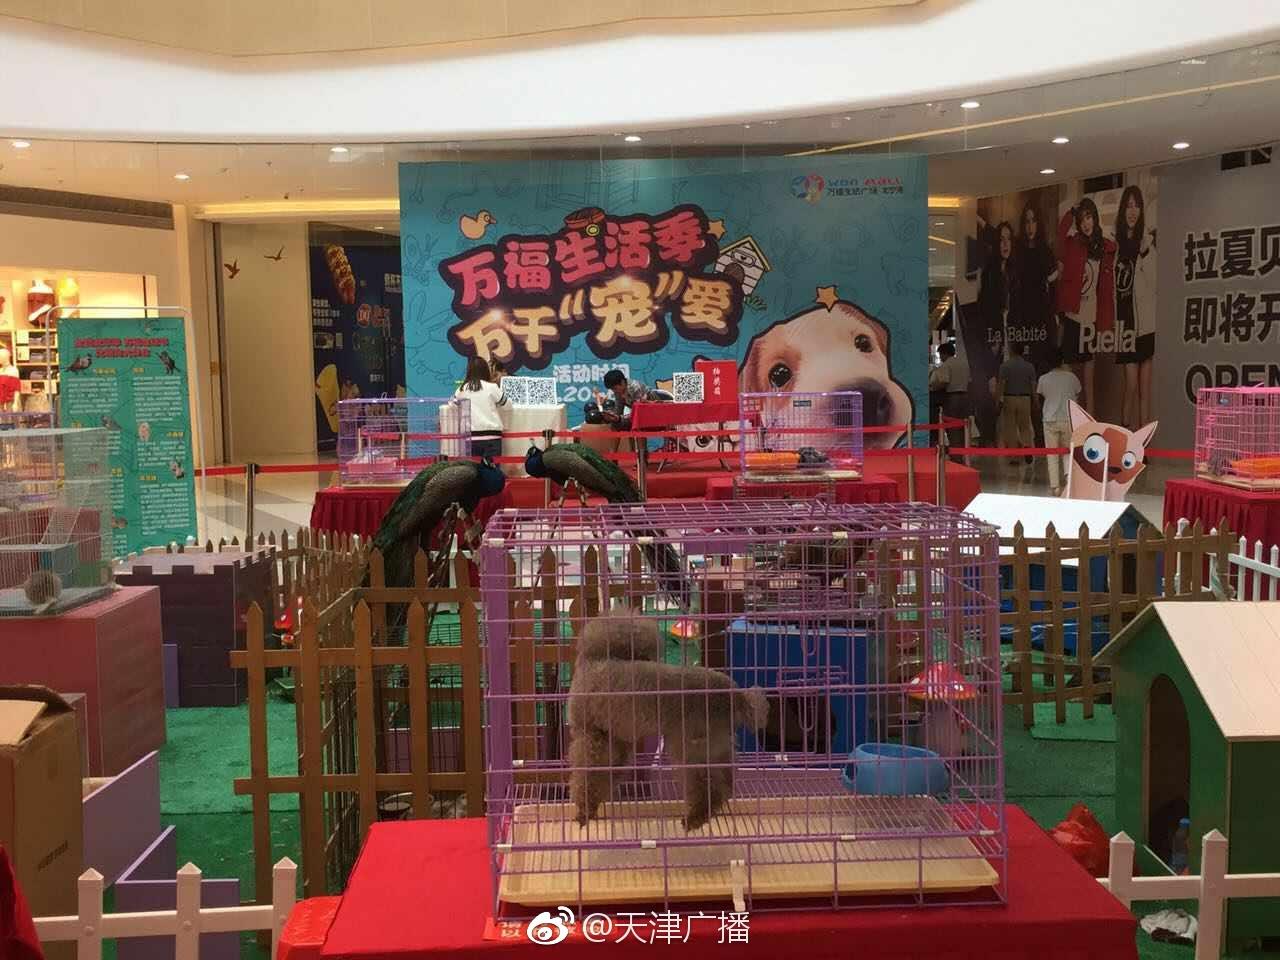 商场设立室内动物展示区 你怎么看?